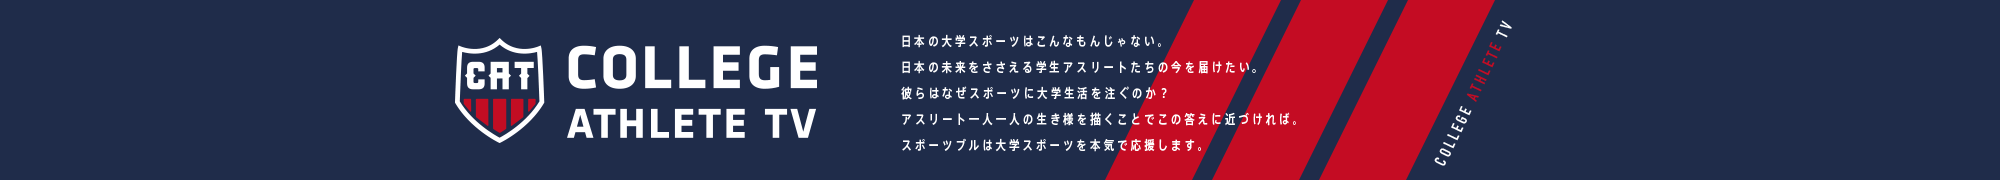 慶大は昨季の関東大学リーグ2部で7位という結果に終わり、目標としていたリーグ1部復帰は達成できなかった。2部優勝、そして1部復帰を目指して新チームが始動したが、ケイスポはシーズン開…